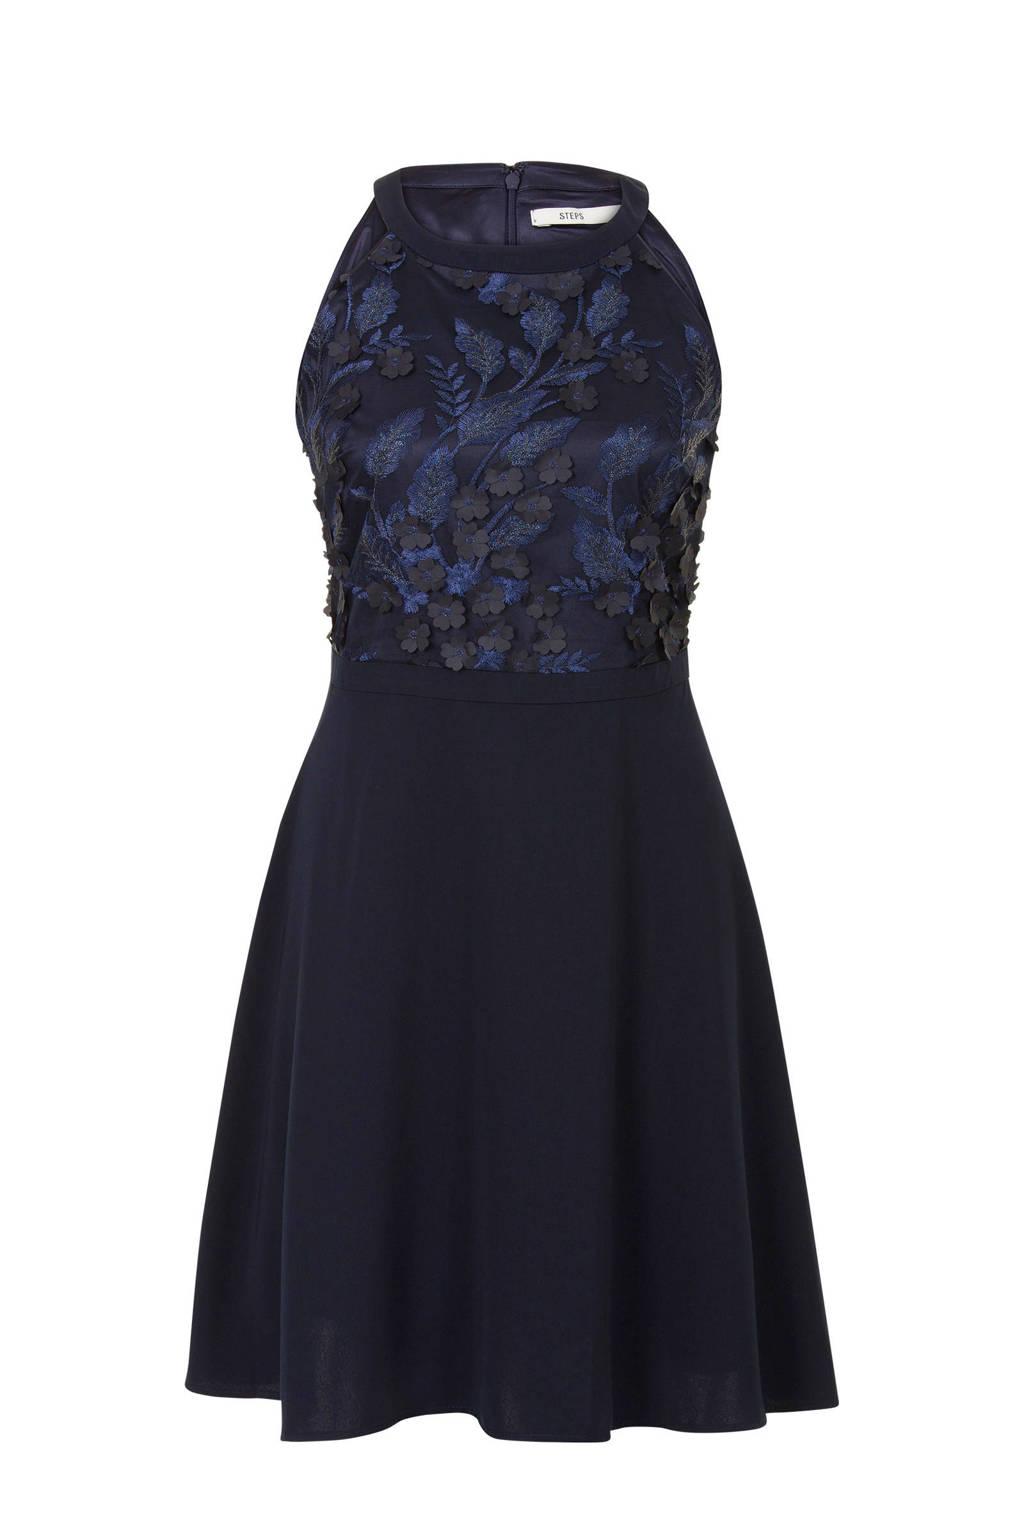 Uitzonderlijk Steps jurk met kant donkerblauw | wehkamp &XC78